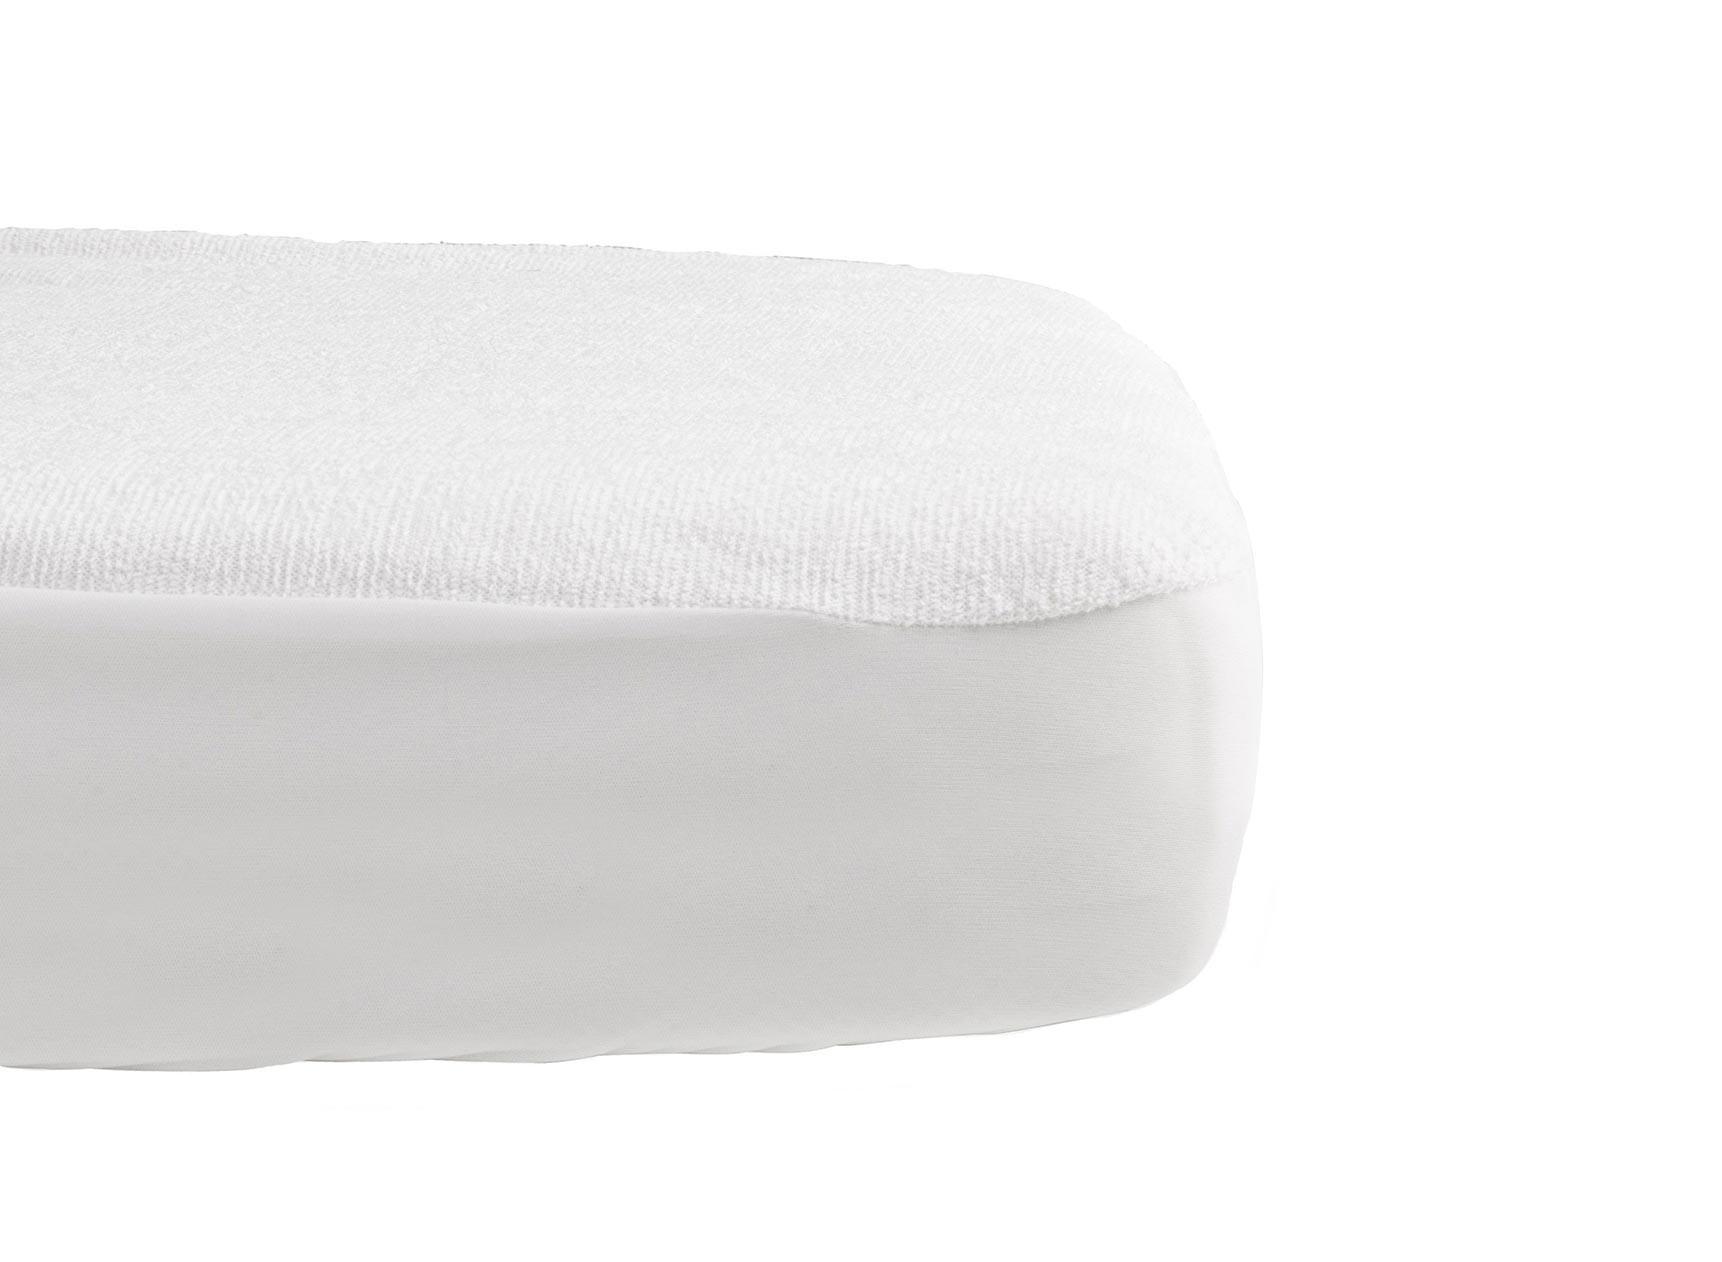 Protège matelas bébé 60x120 cm LEO Coton Bio Nateo Concept - 1